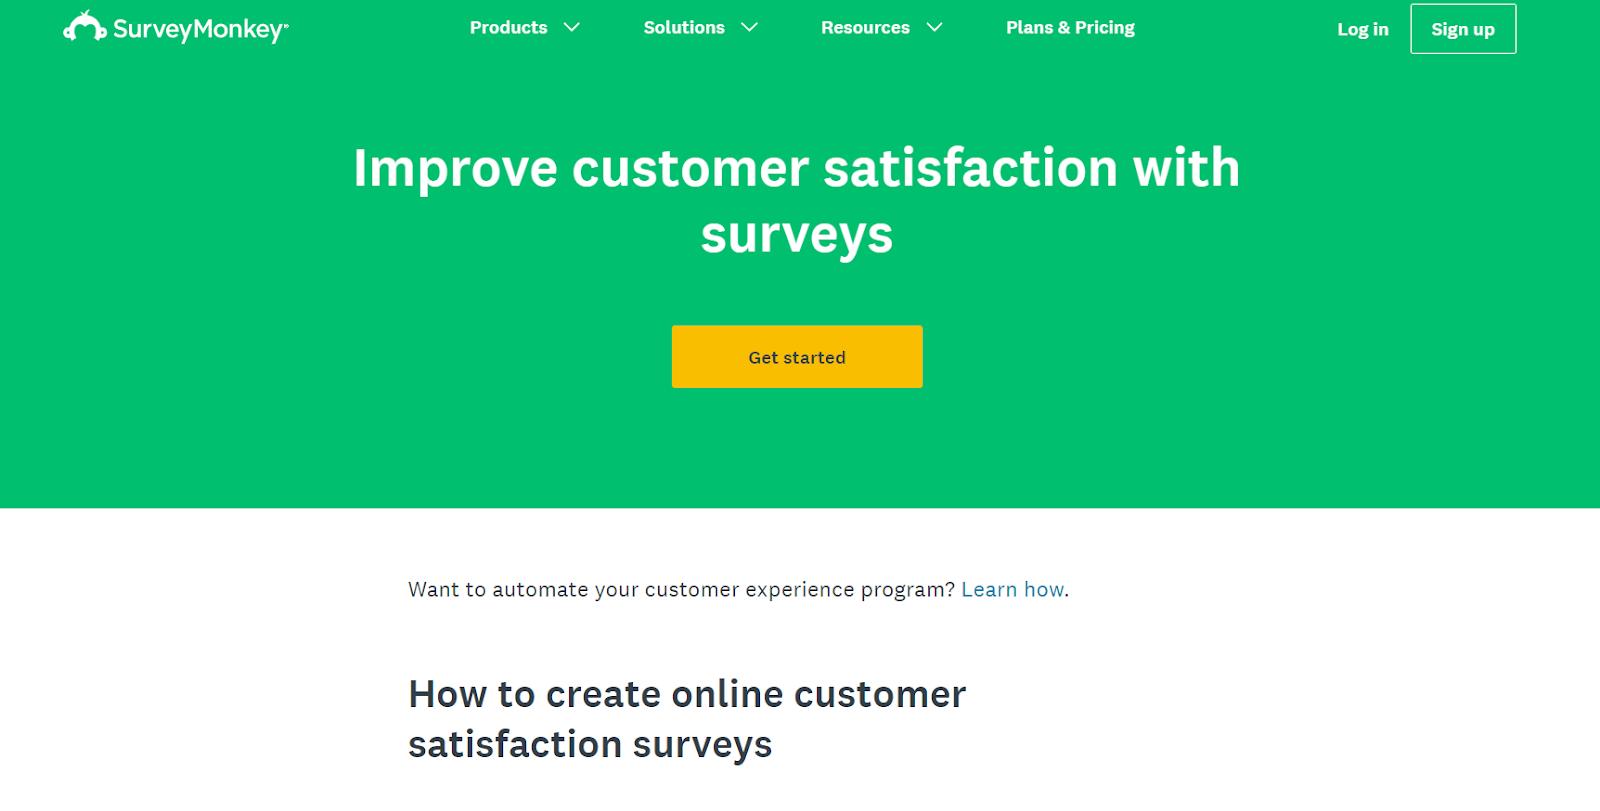 pozitív visszajelzés az internetes bevételekről